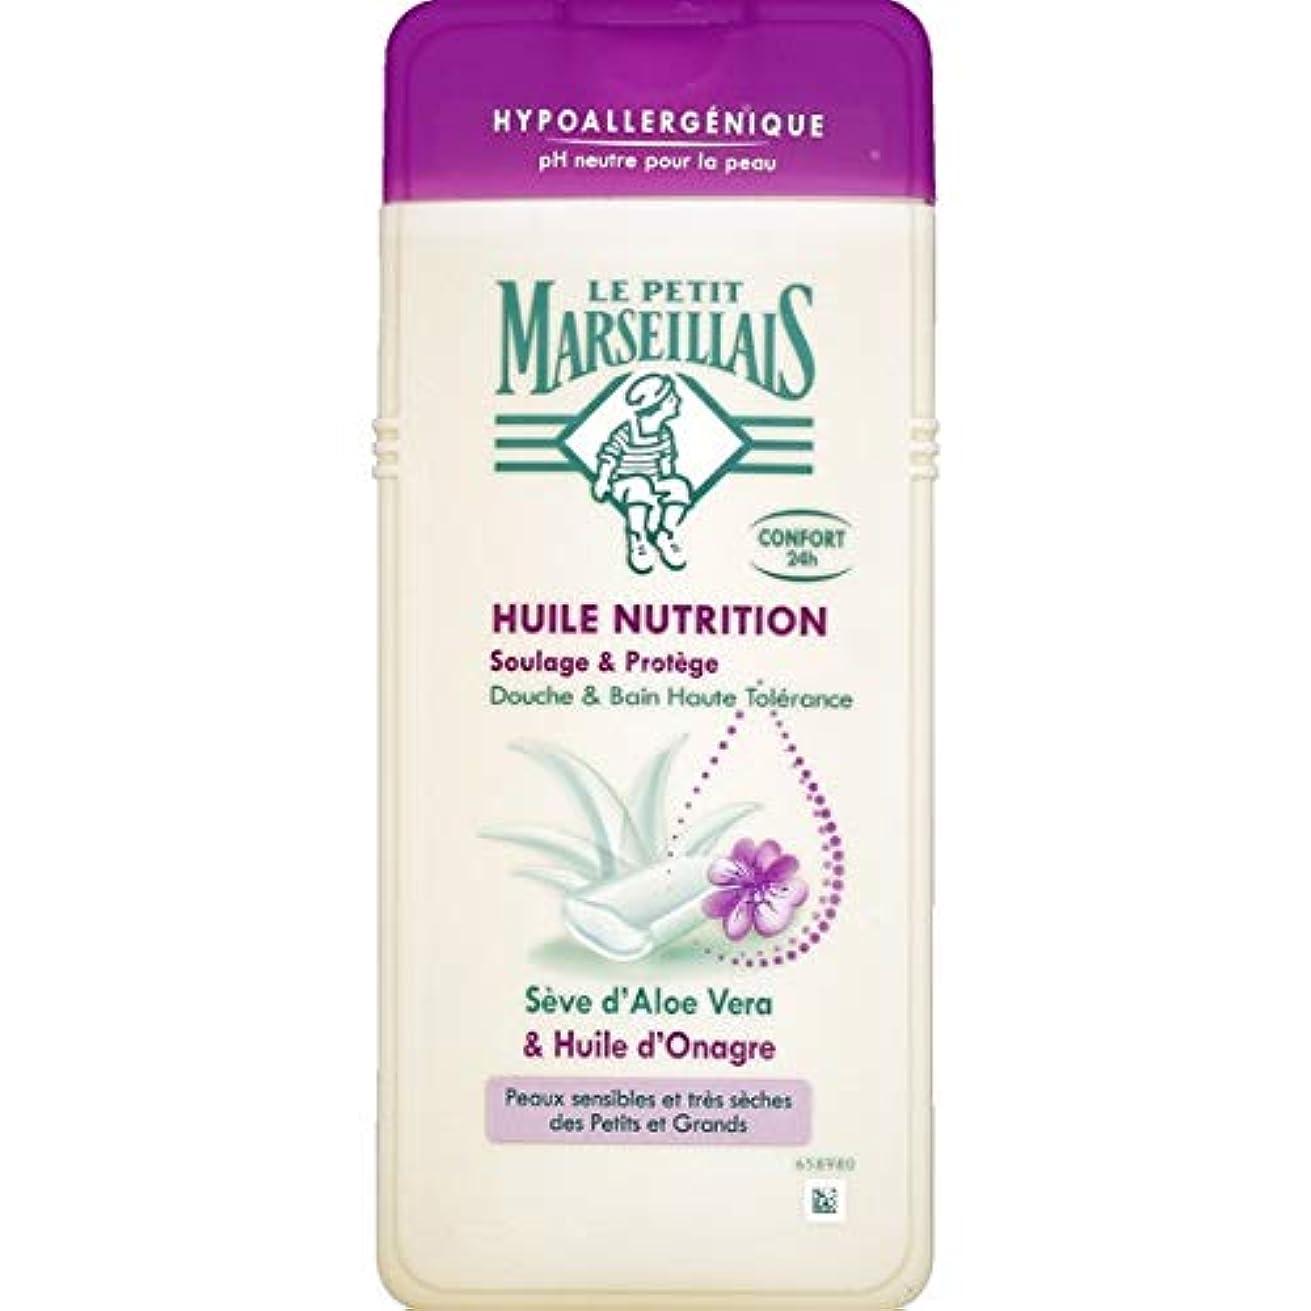 全部修正抗生物質「アロエベラ」と「オレンジオイル」 石鹸不使用 低刺激 敏感肌用 中性 ミセルシャワージェル フランスの「ル?プティ?マルセイユ(Le Petit Marseillais)」650ml ボディウォッシュ